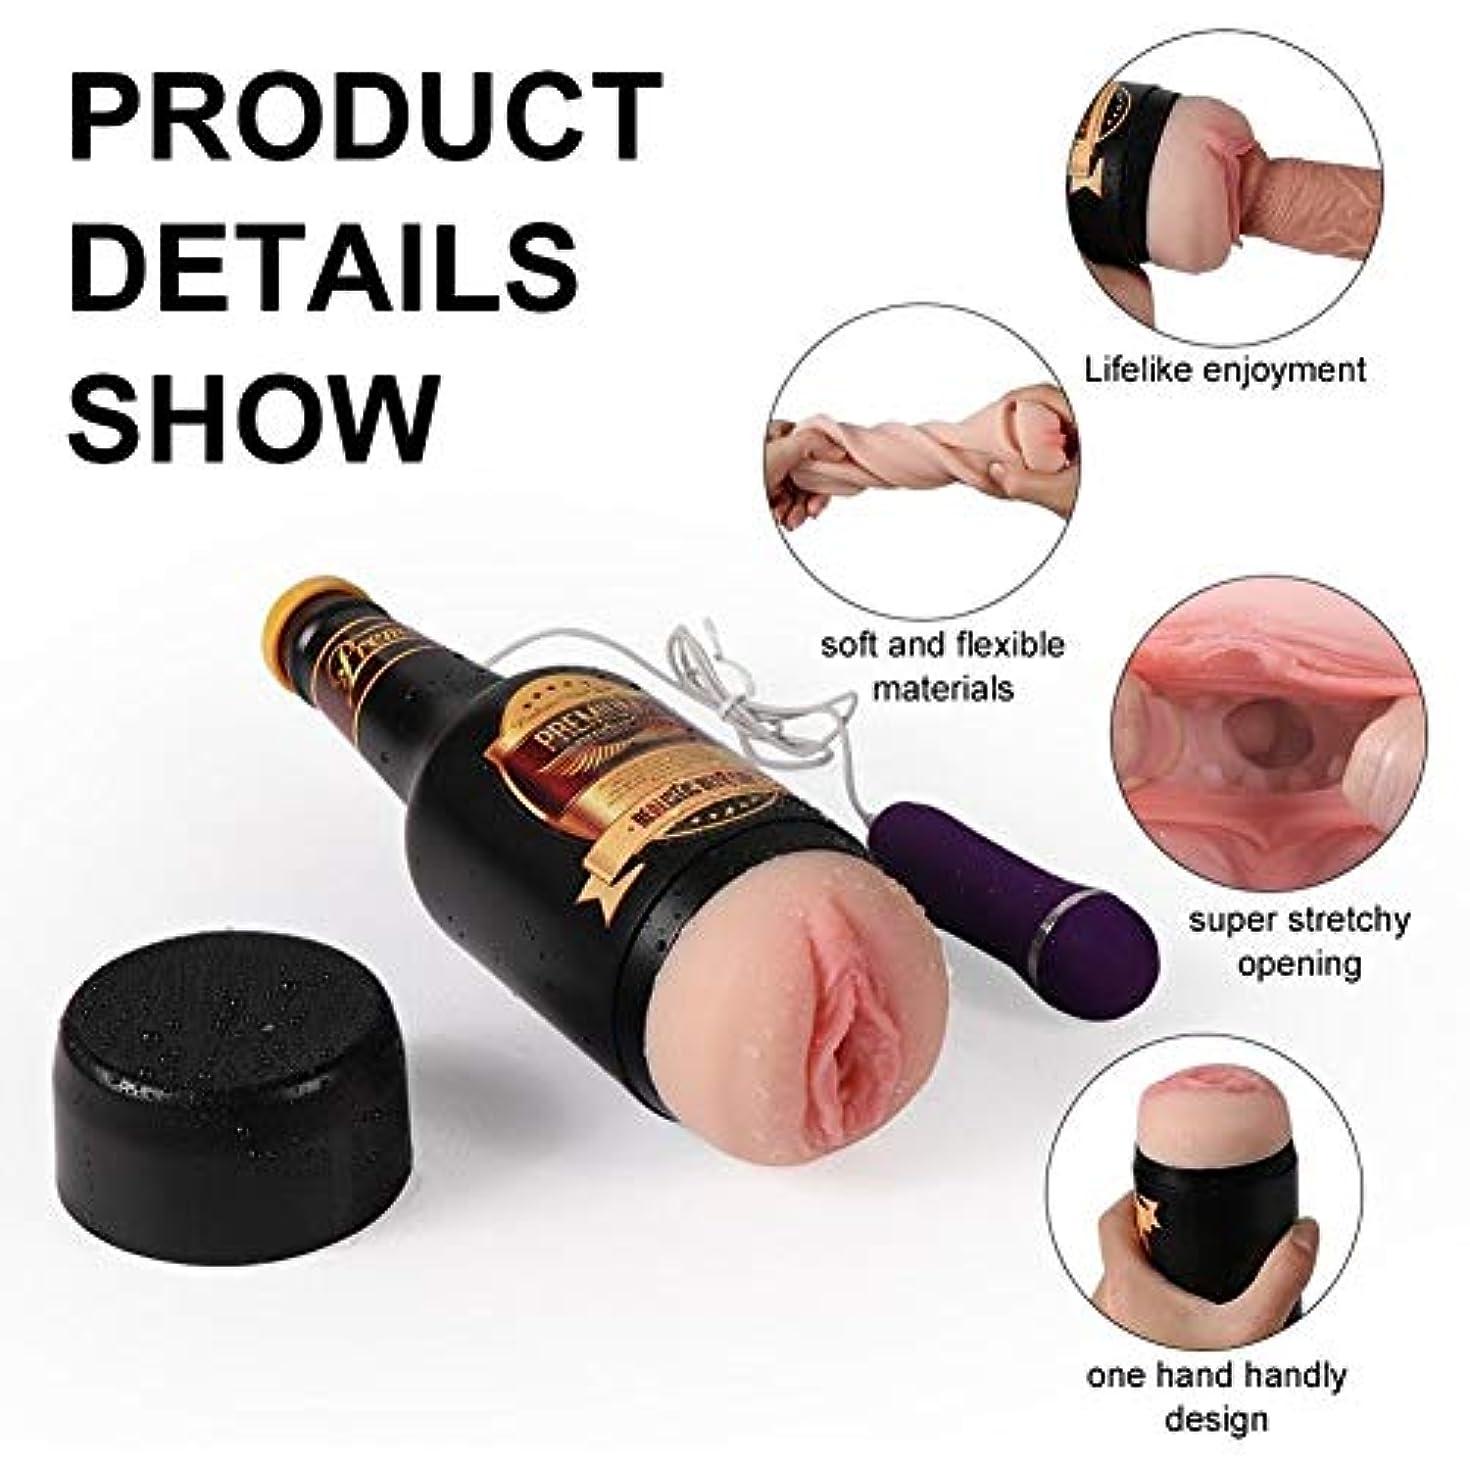 重要なペースよろめく男性の電気ビール形状リラクゼーション減圧カップ真人体筋肉カップクリエイティブ誕生日ギフト詐欺ギフト